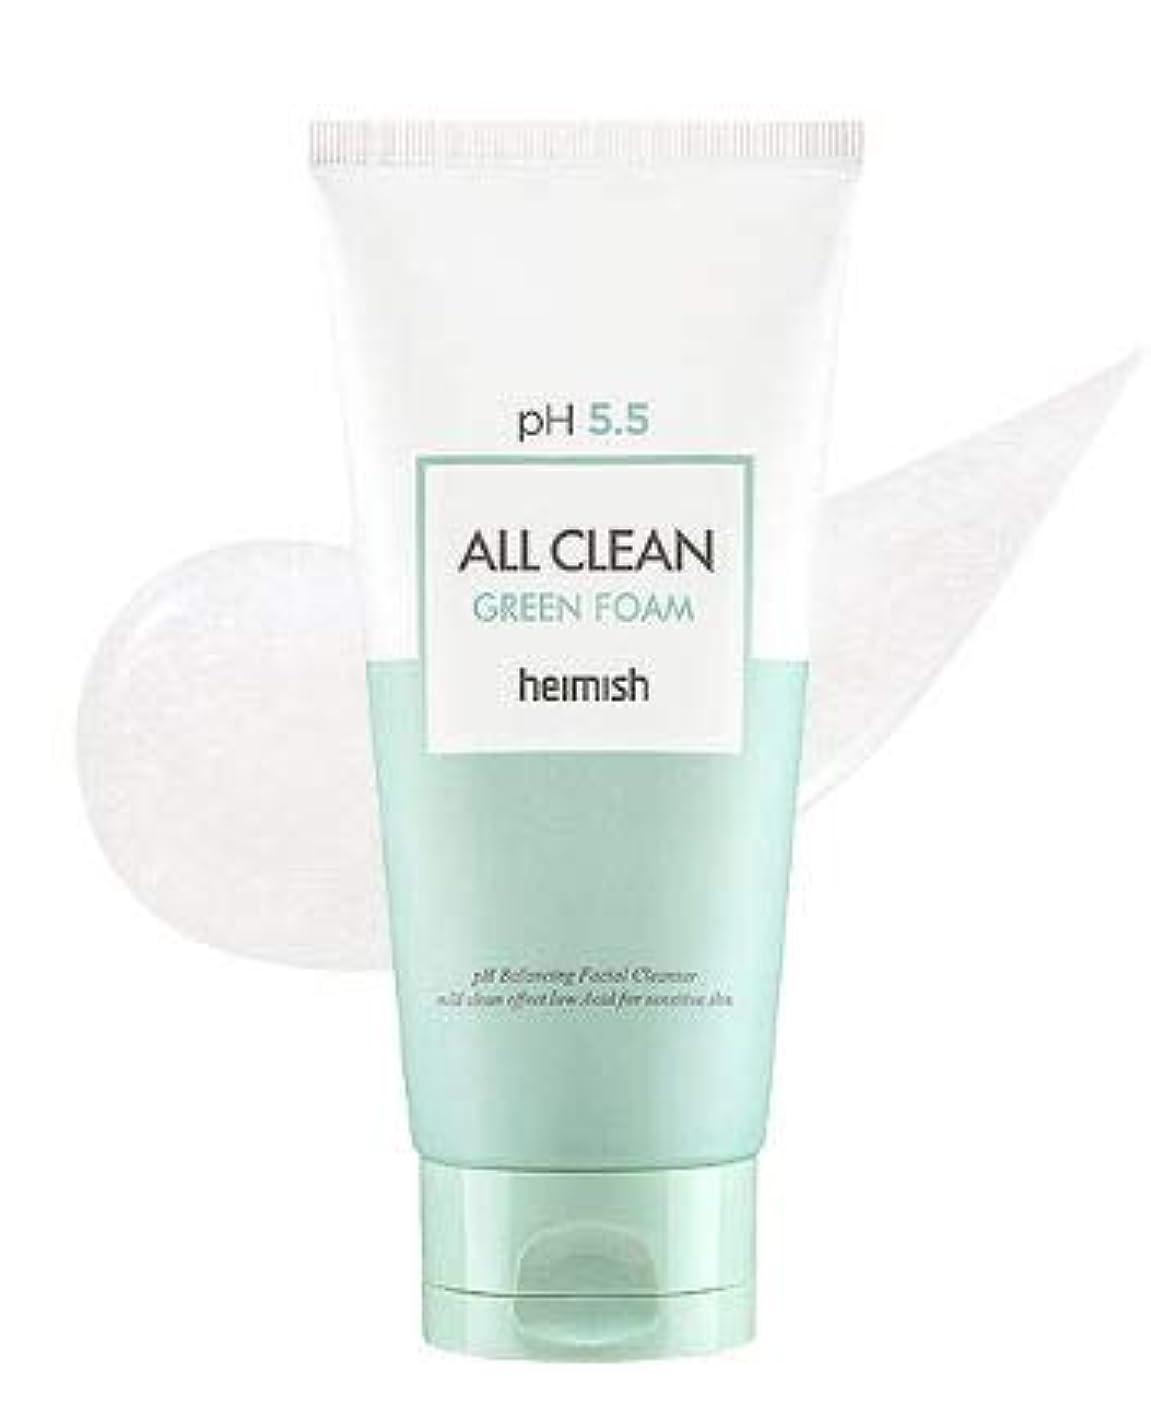 ボックス乗算火山の[heimish] All Clean Green Foam 150g / [ヘイミッシュ] オールクリーン グリーン フォーム 150g [並行輸入品]